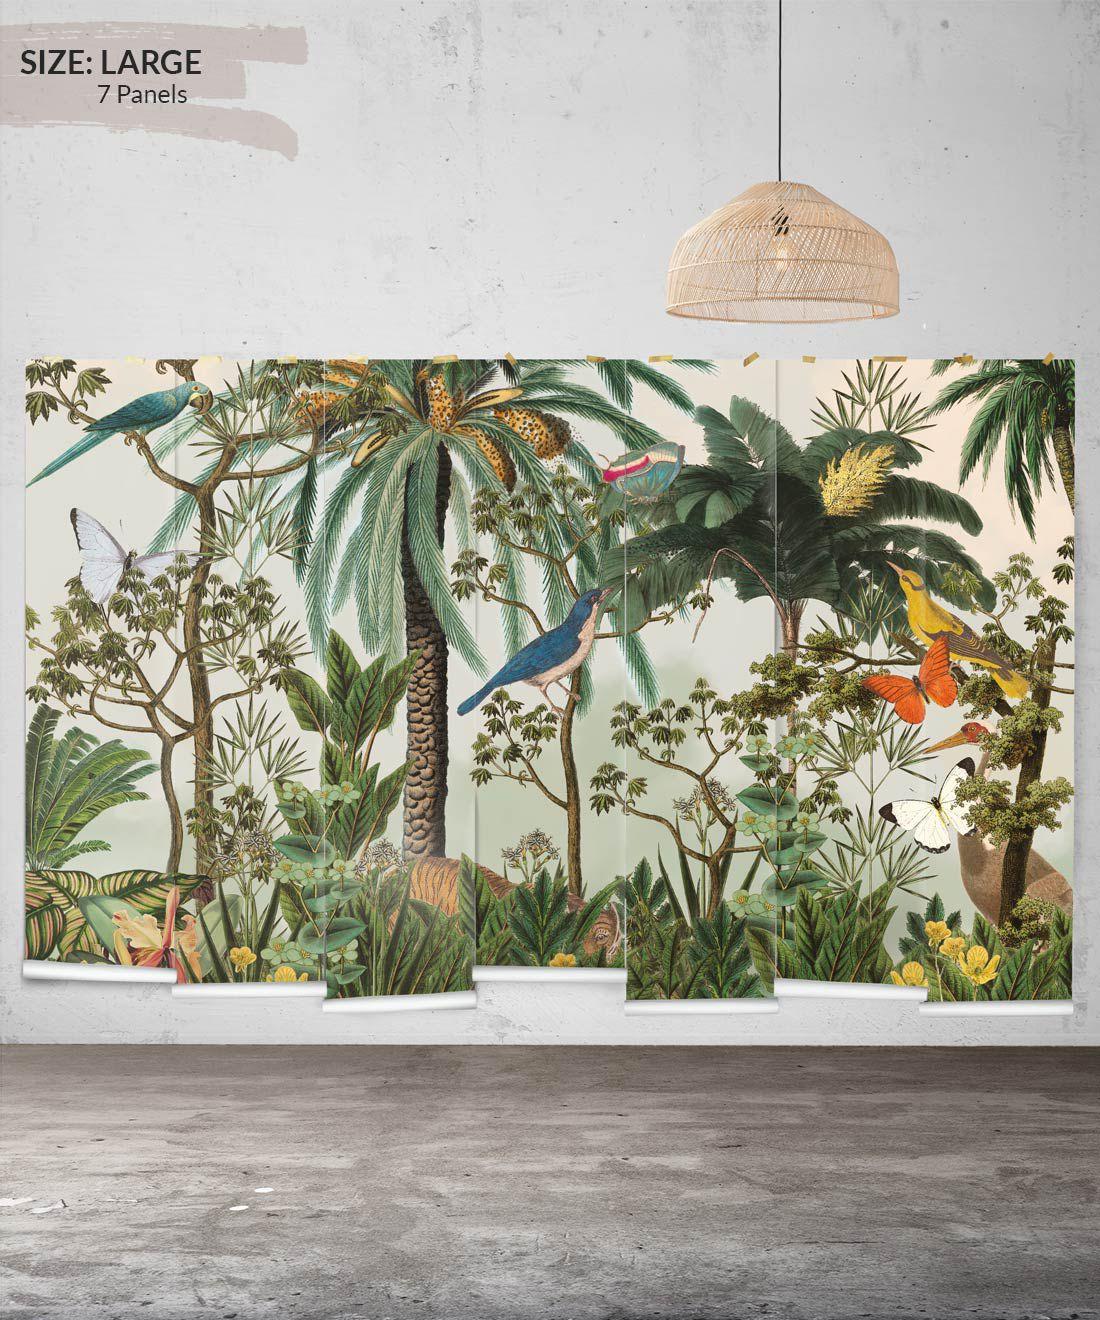 Heritage Jungle Mural • Tropical Jungle Animal Wallpaper • Large Insitu